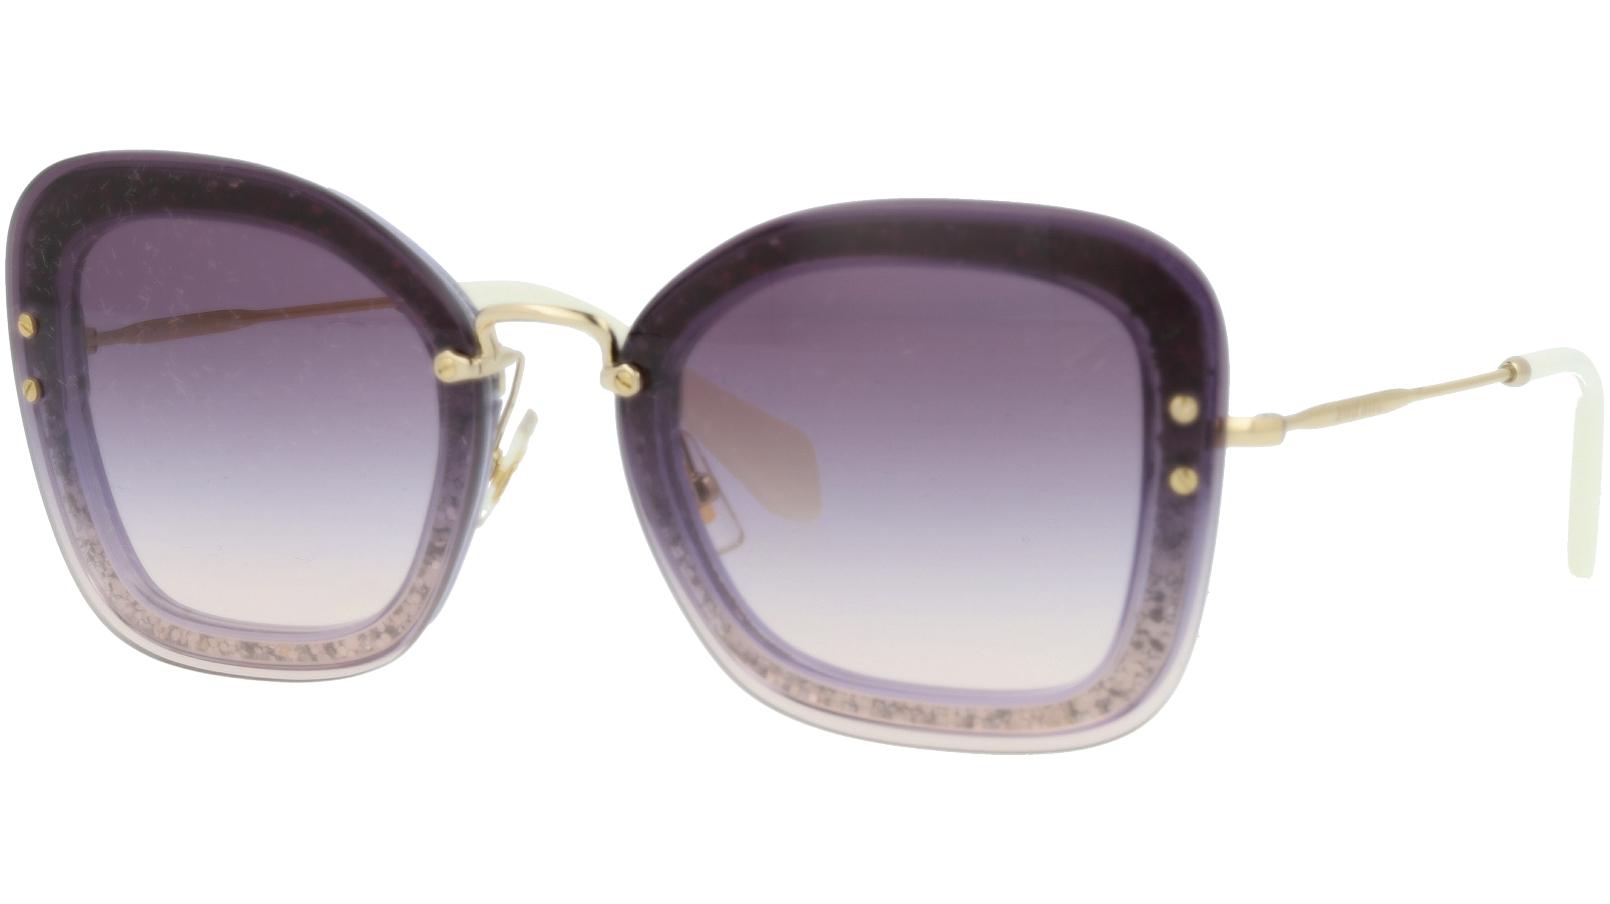 Miu Miu MU02TS 86LNJ0 65 Grey Cat-Eye Sunglasses